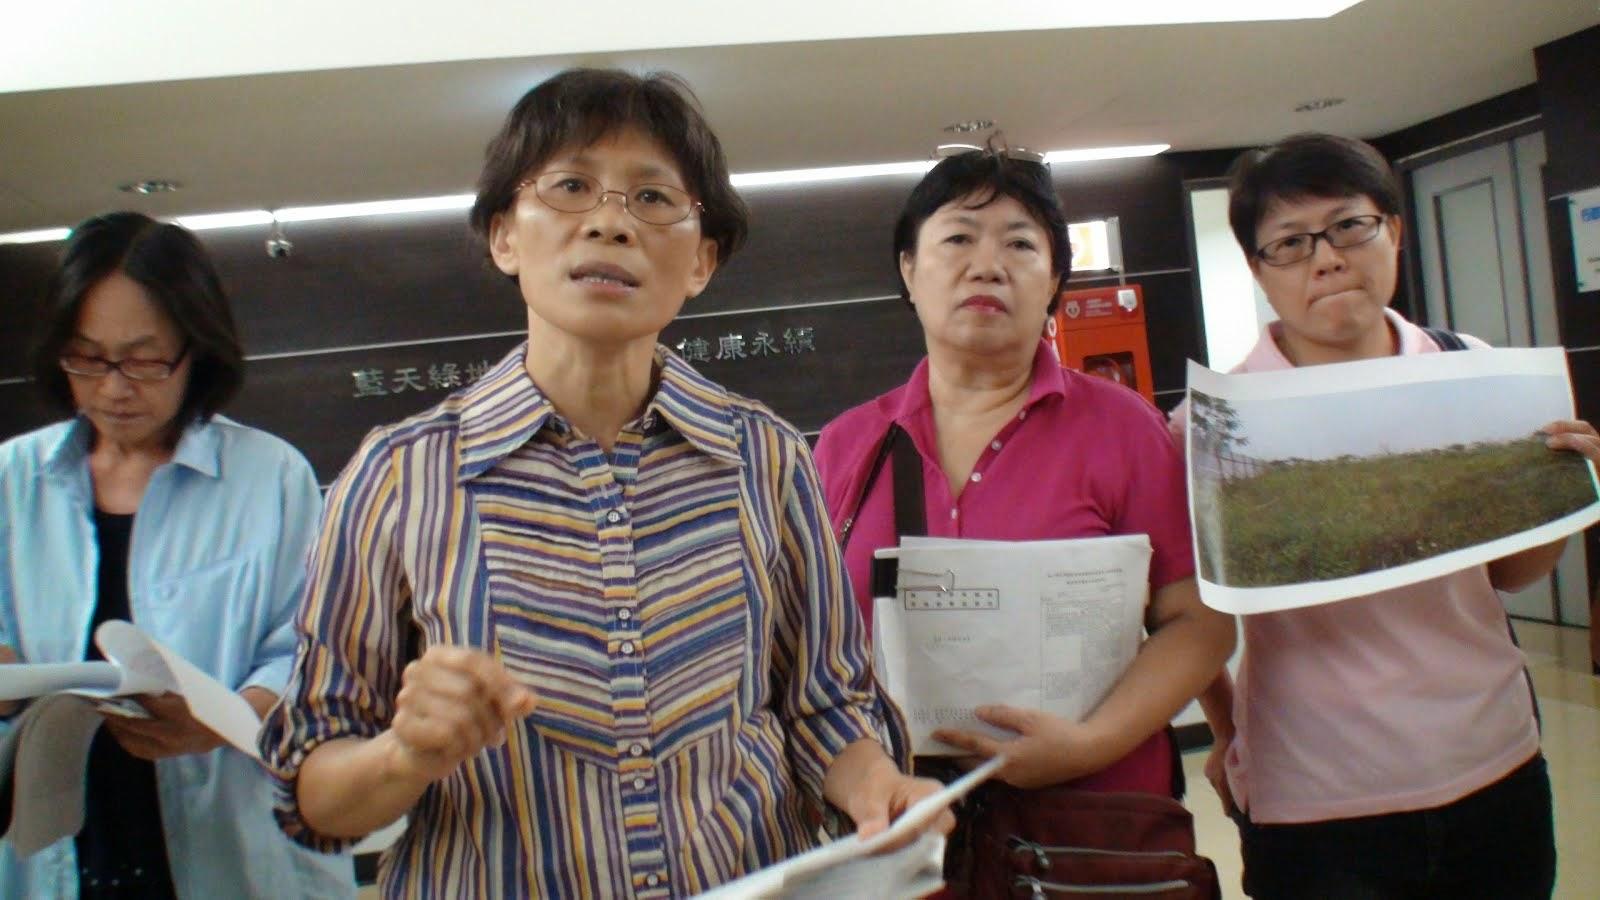 《台灣水資源保育聯盟年終募款》陳椒華老師與她的團隊,長期在各種場域捍衛水資源、空氣、土壤安全,請捐款幫她們繼續為環境打拼 !